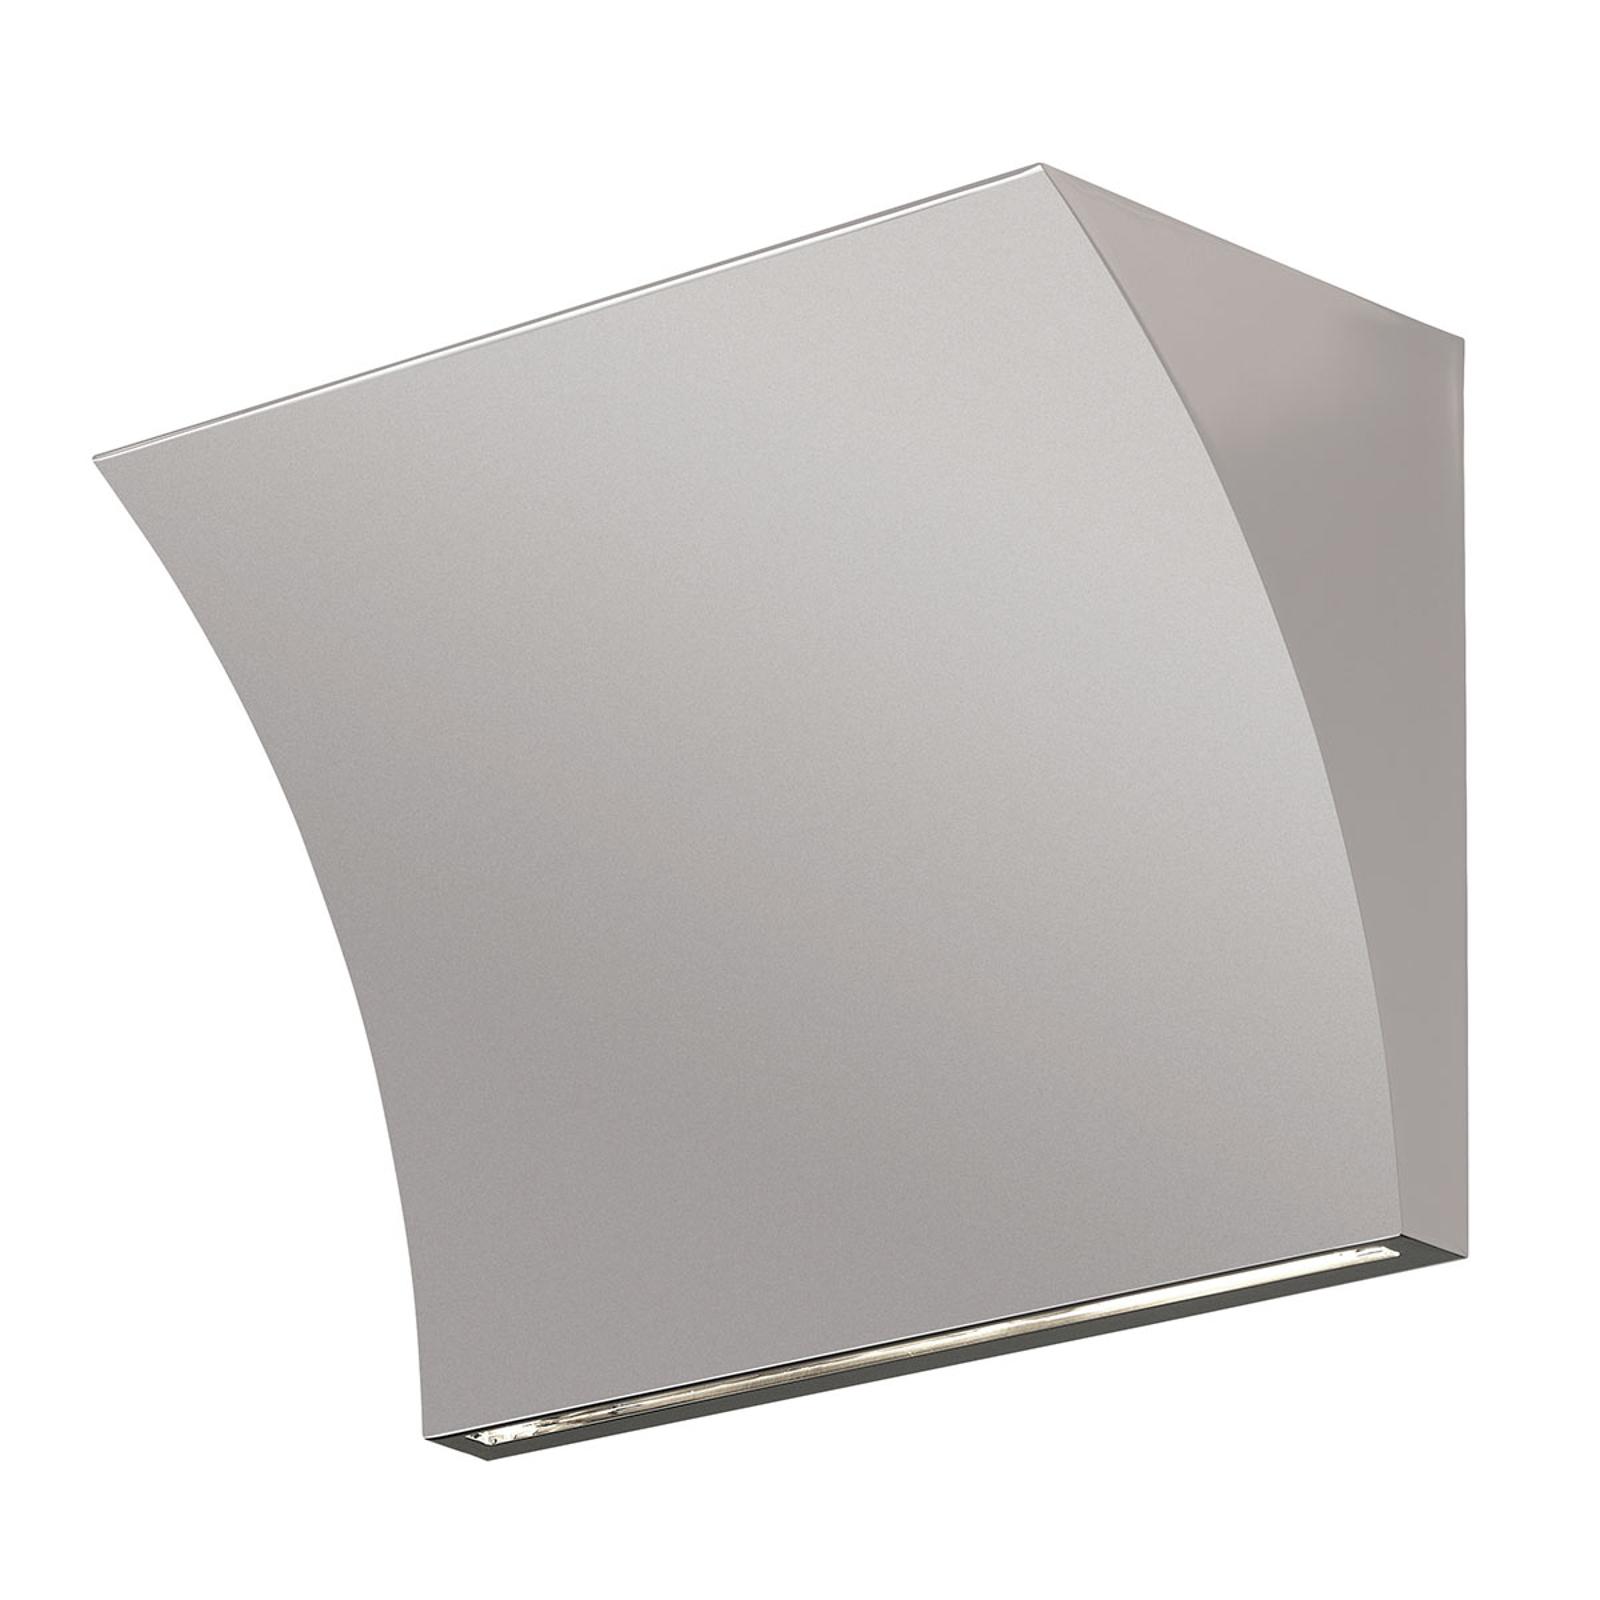 Flos Pochette LED-vegglampe grå